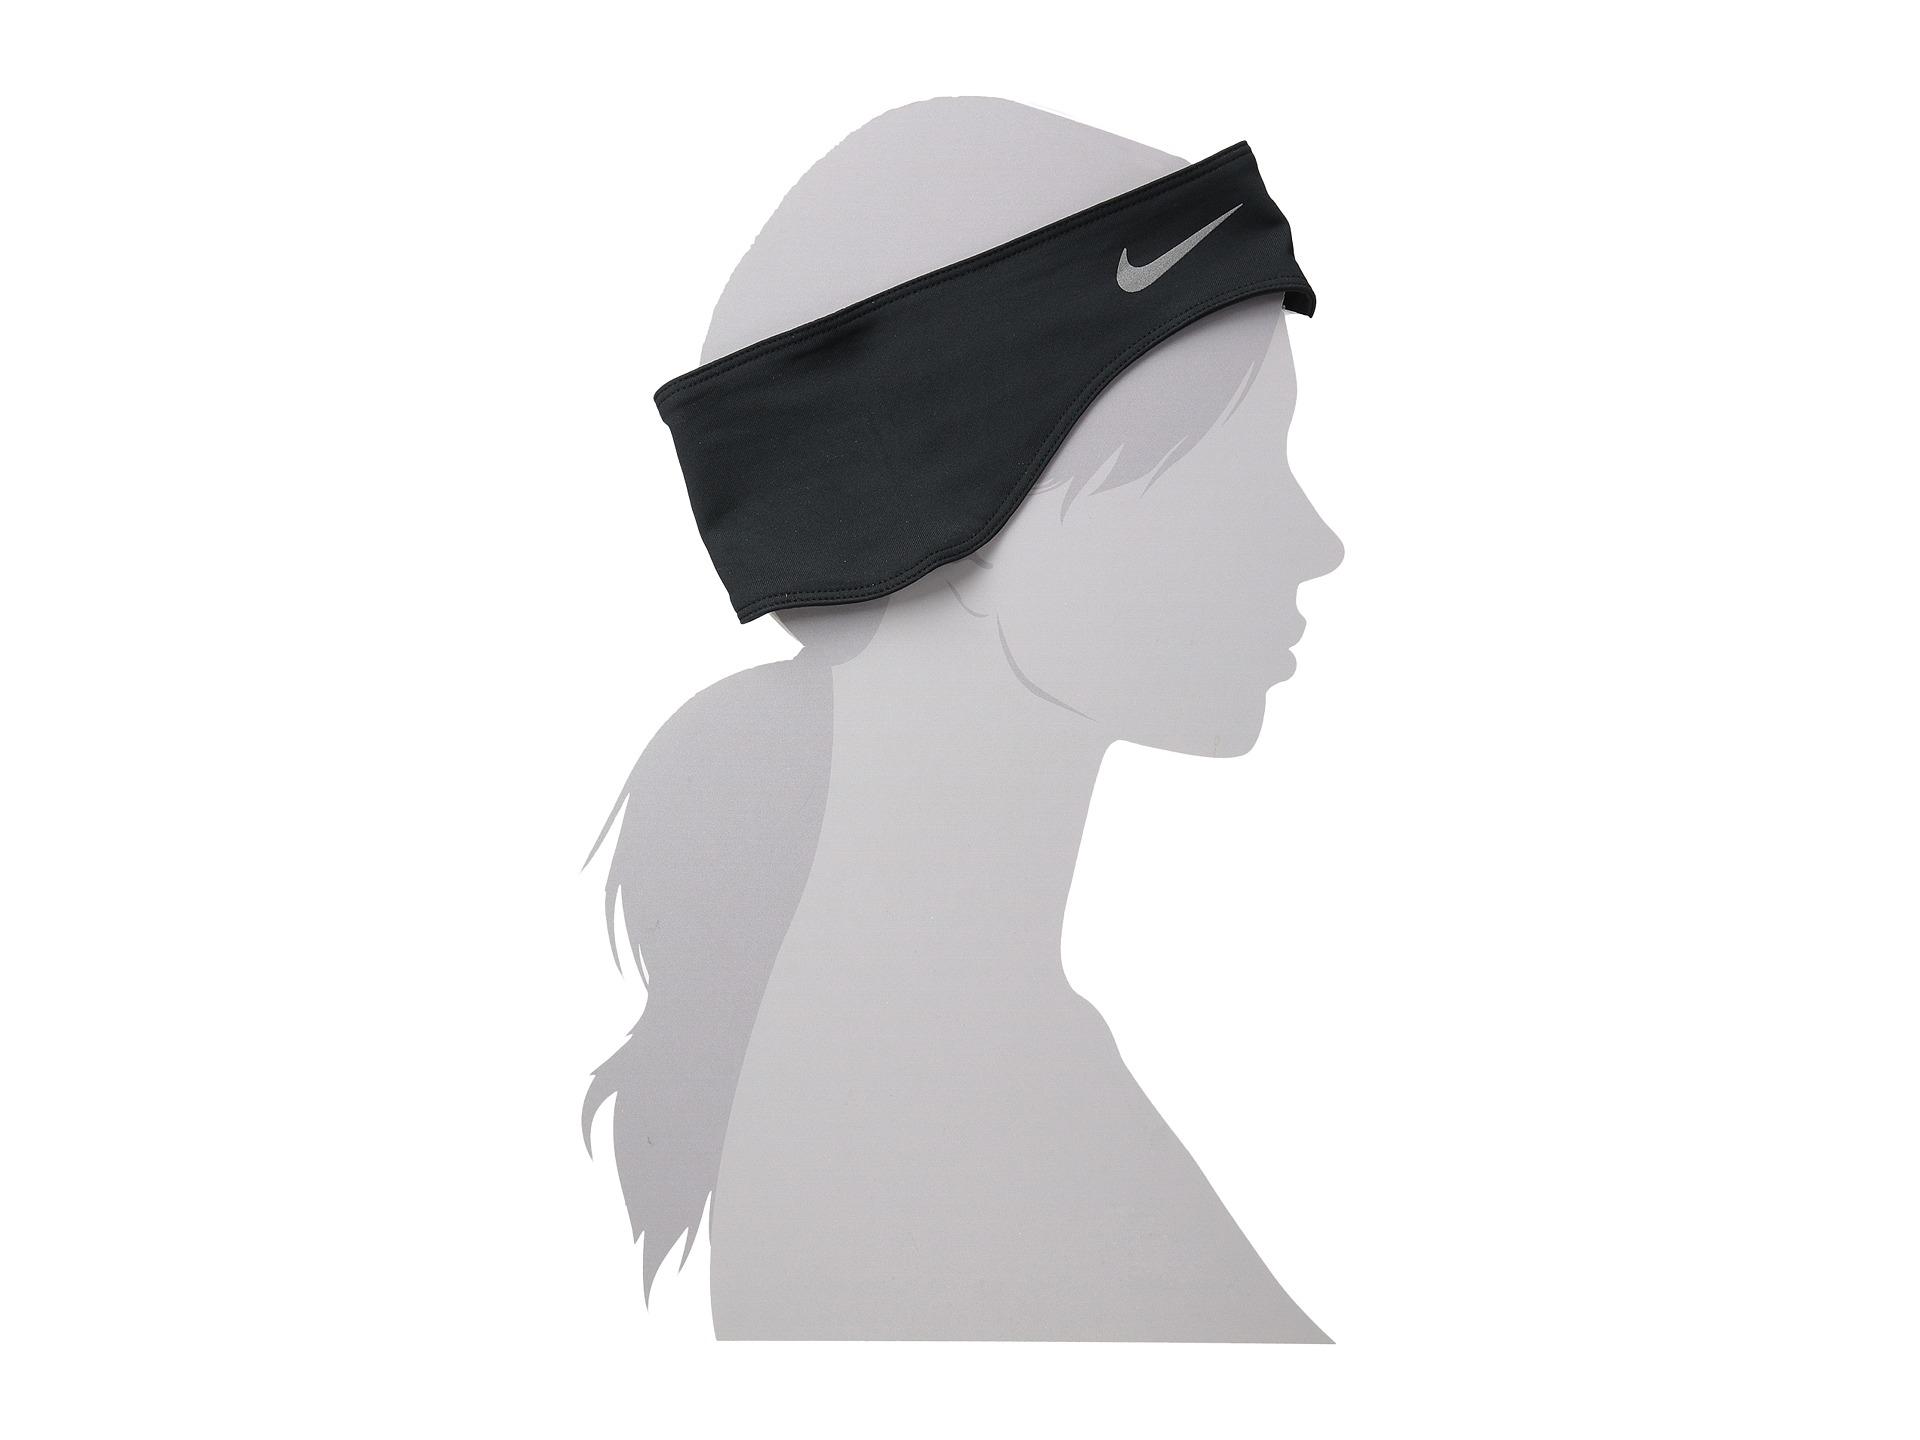 Lyst - Nike Dri-fit Running Headband glove Set in Metallic 482f56fc3bc